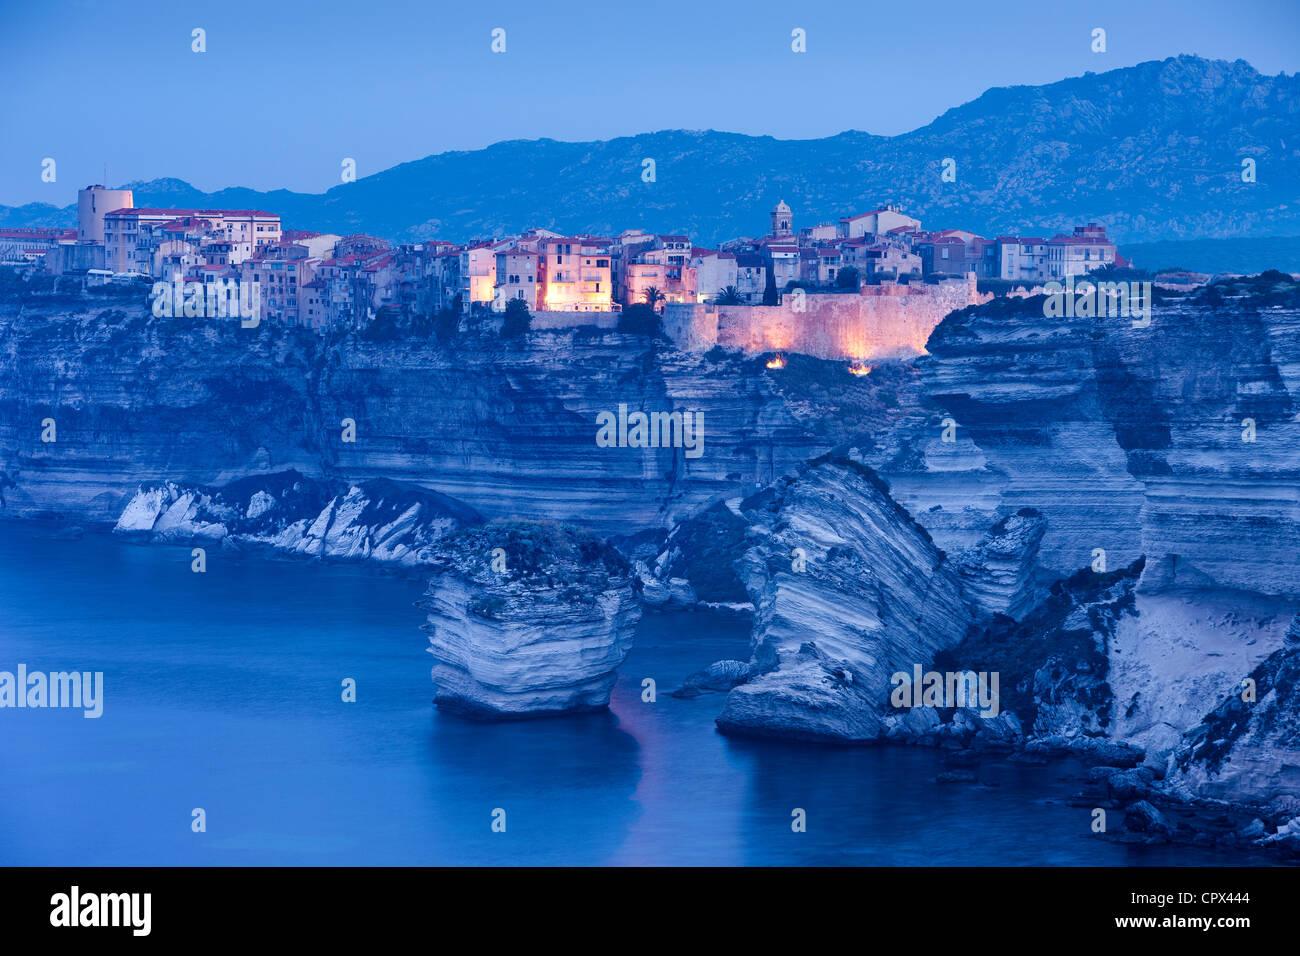 Bonifacio all'alba, Corsica, Francia Immagini Stock